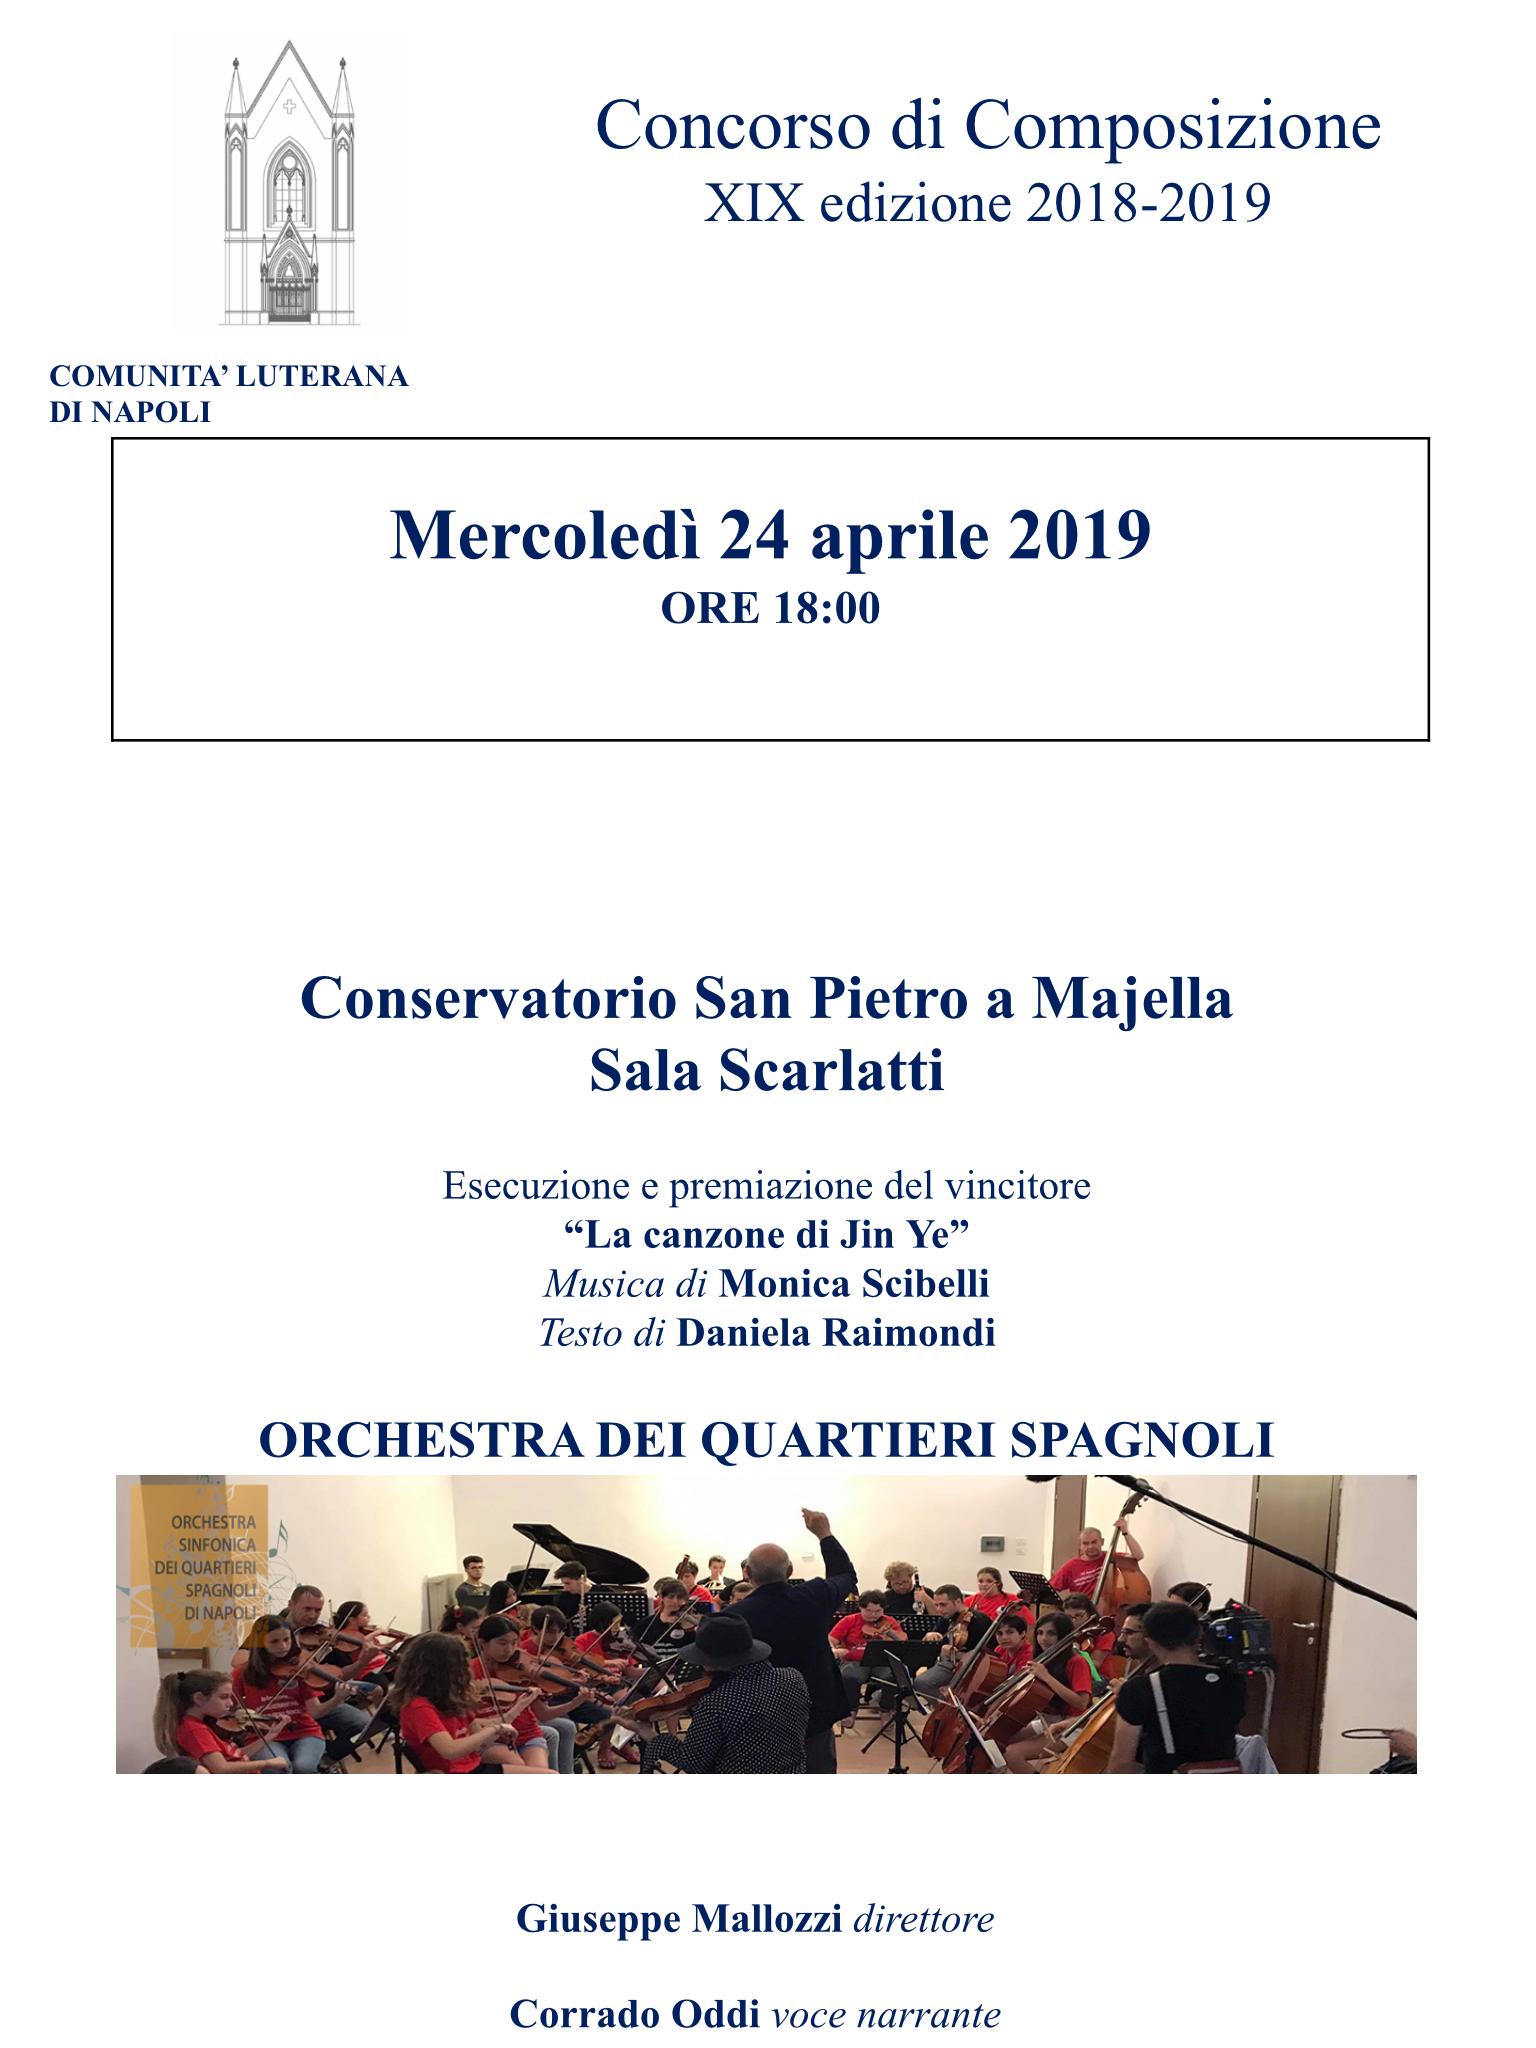 Concorso di Composizione XIX edizione 2018-2019 @ Conservatorio San Pietro a Majella - Aula Scarlatti